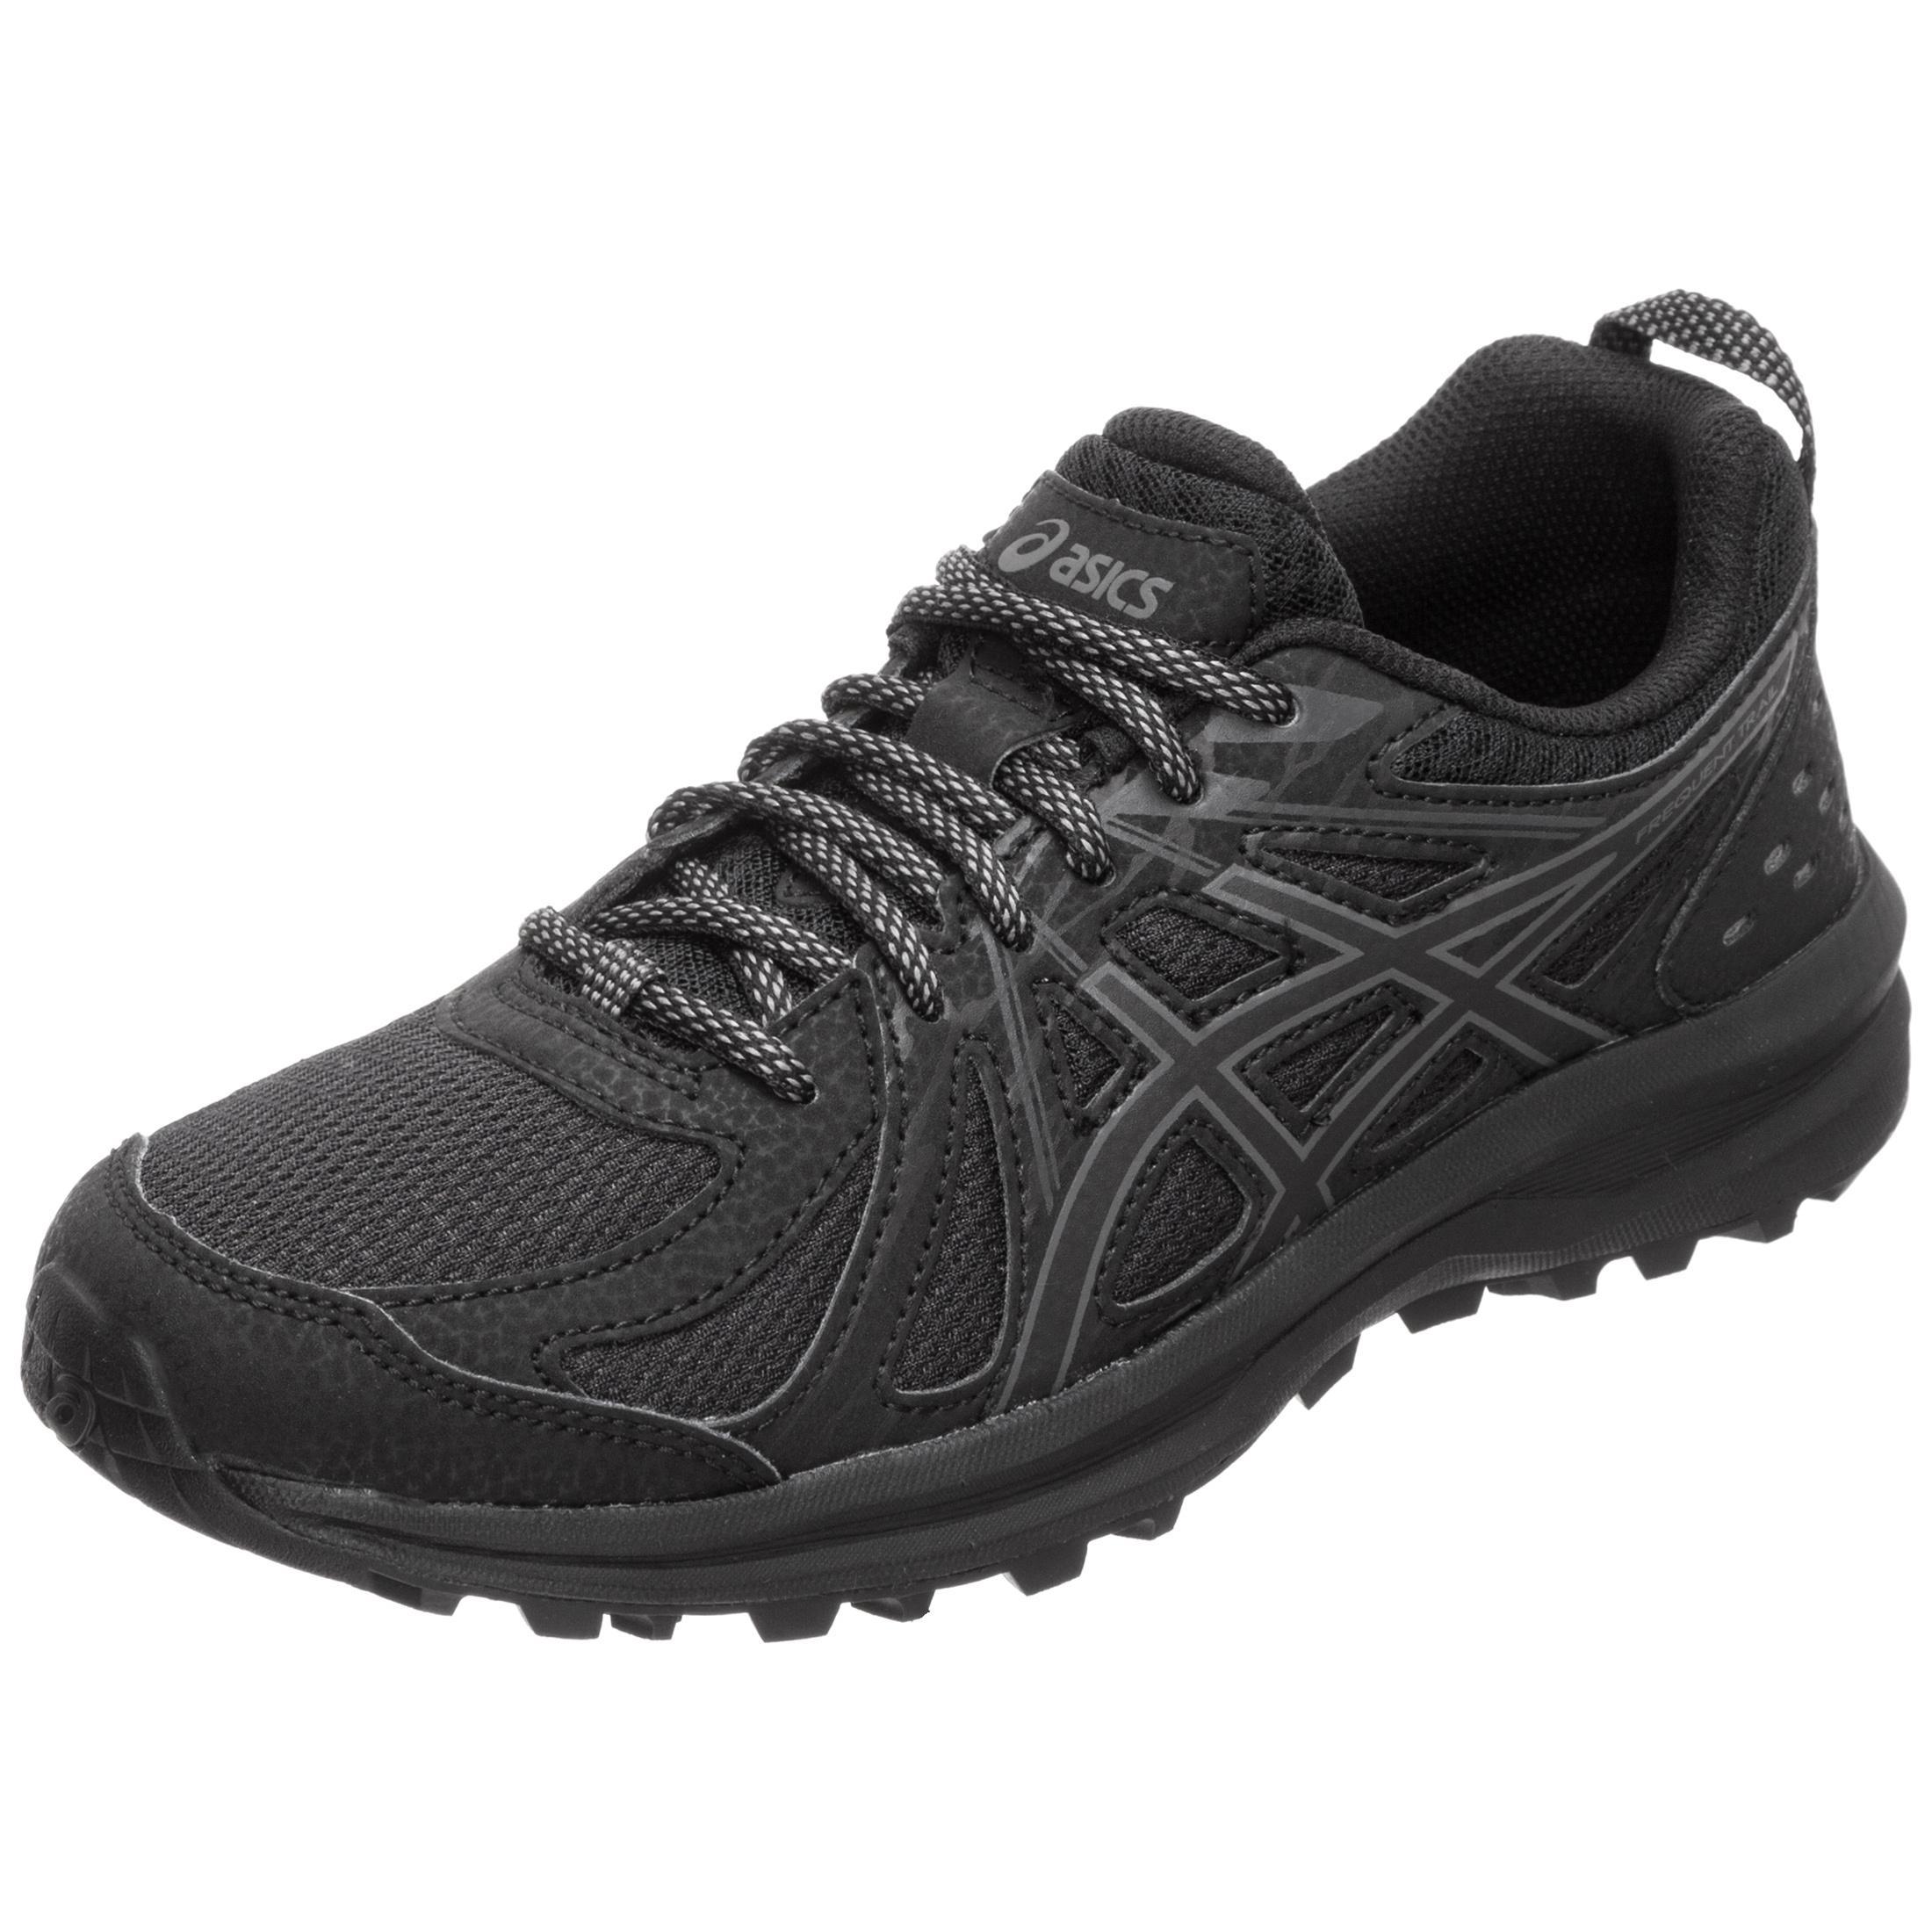 ASICS Frequent Laufschuhe Damen schwarz   grau im Online Shop von SportScheck kaufen Gute Qualität beliebte Schuhe